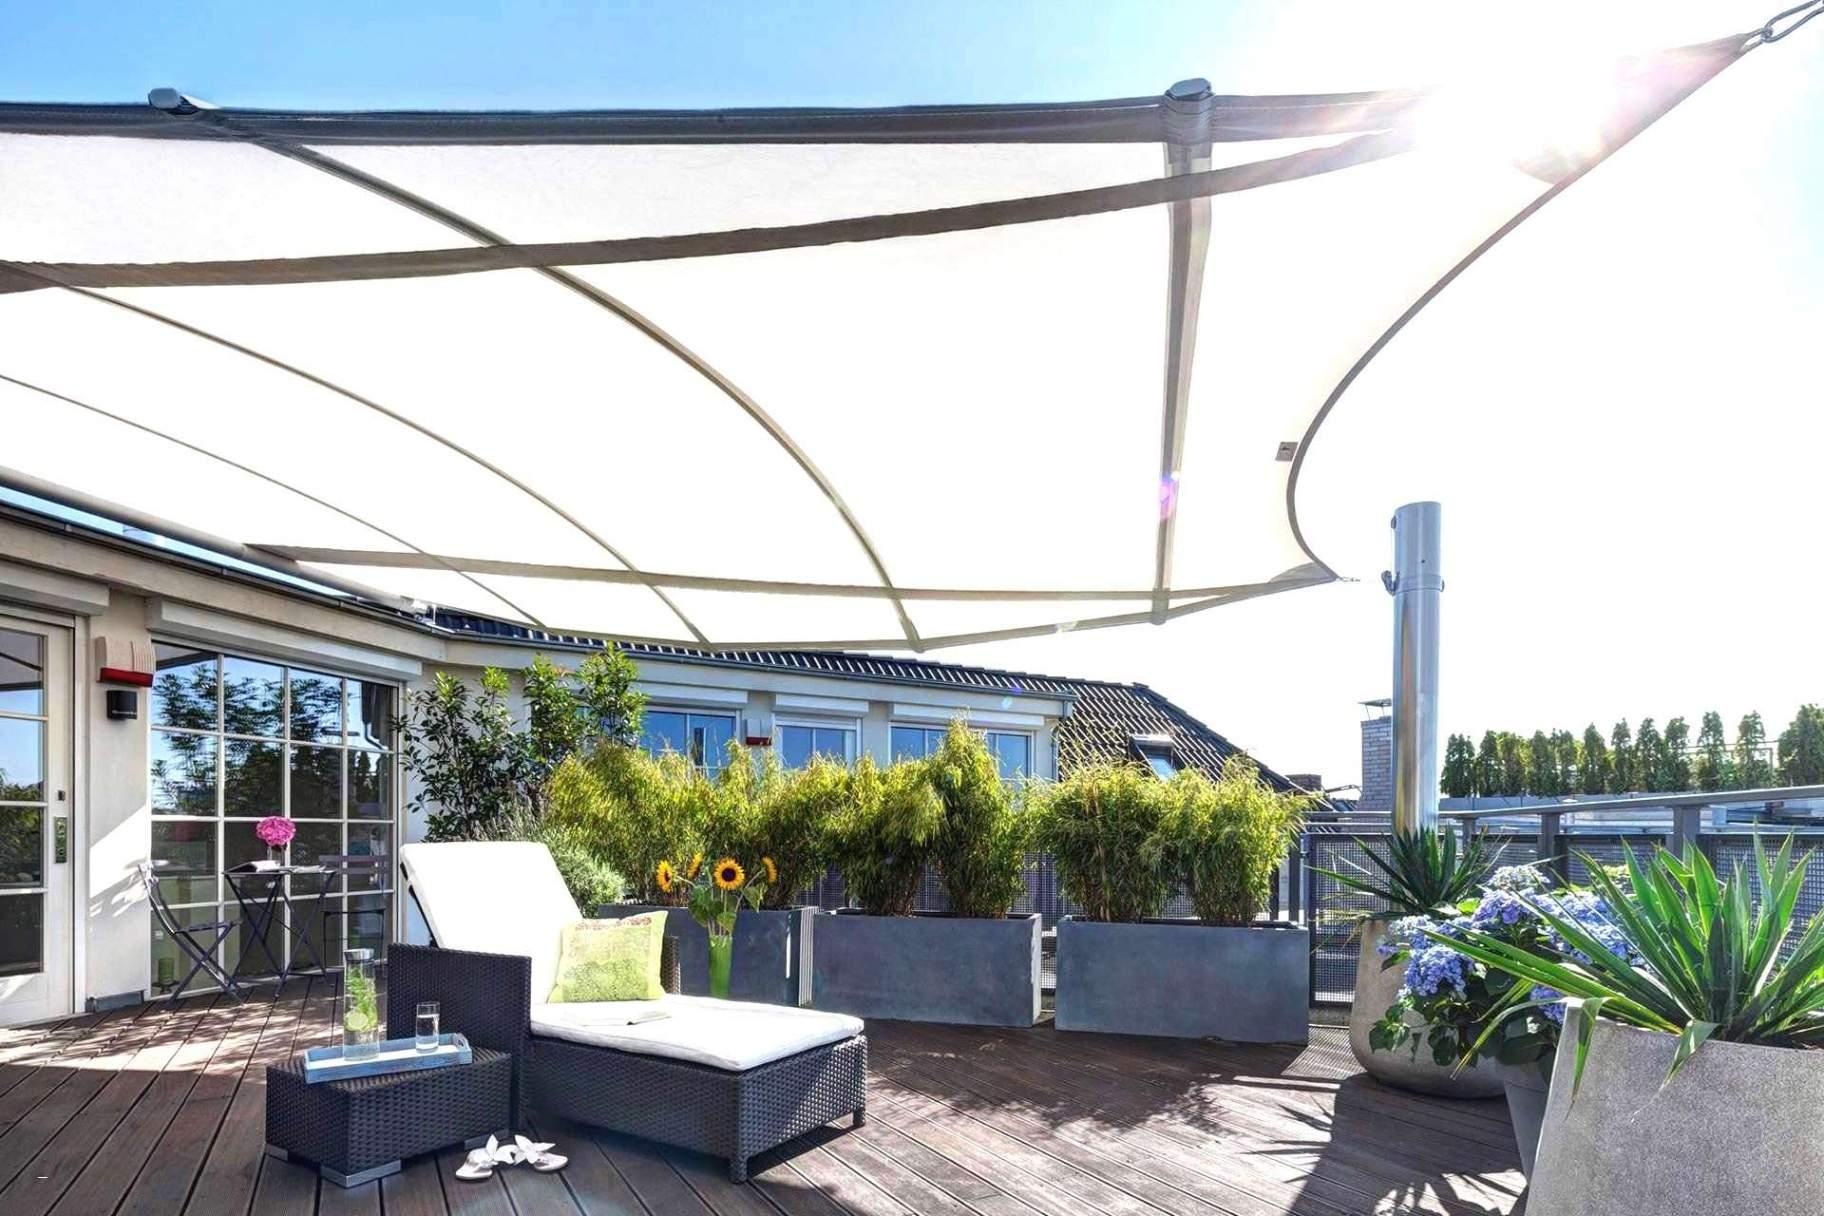 inspirierend terrasse sichtschutz terrasse sichtschutz 0d s design terrasse pflanzen sichtschutz terrasse pflanzen sichtschutz